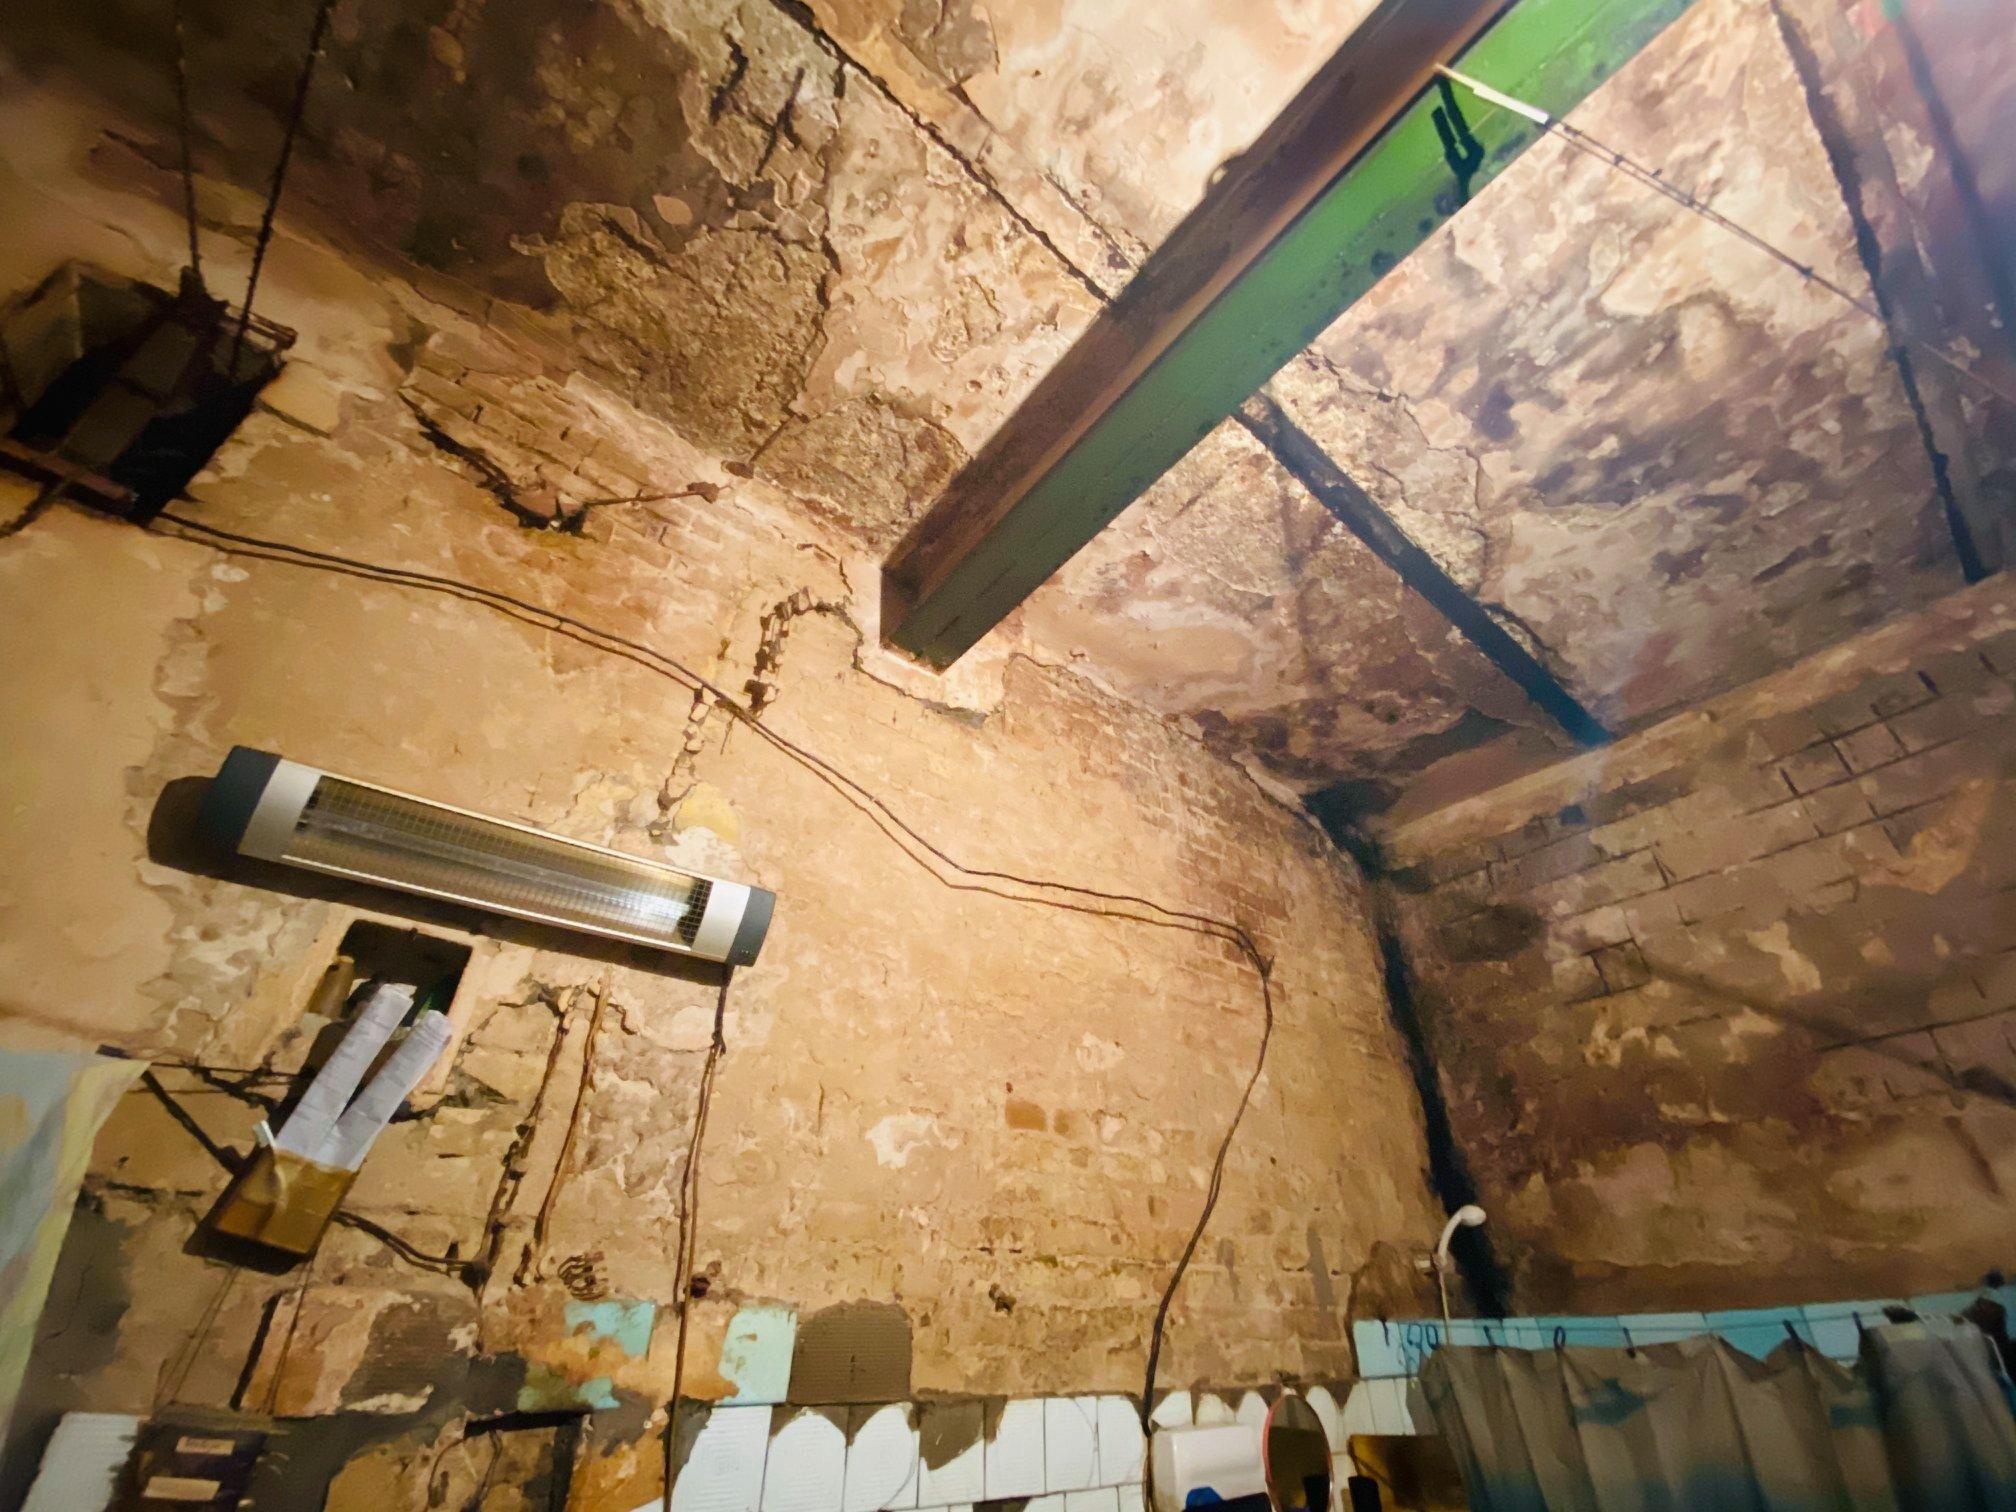 Київське СІЗО фото камери умови тримання рентгенкабінет